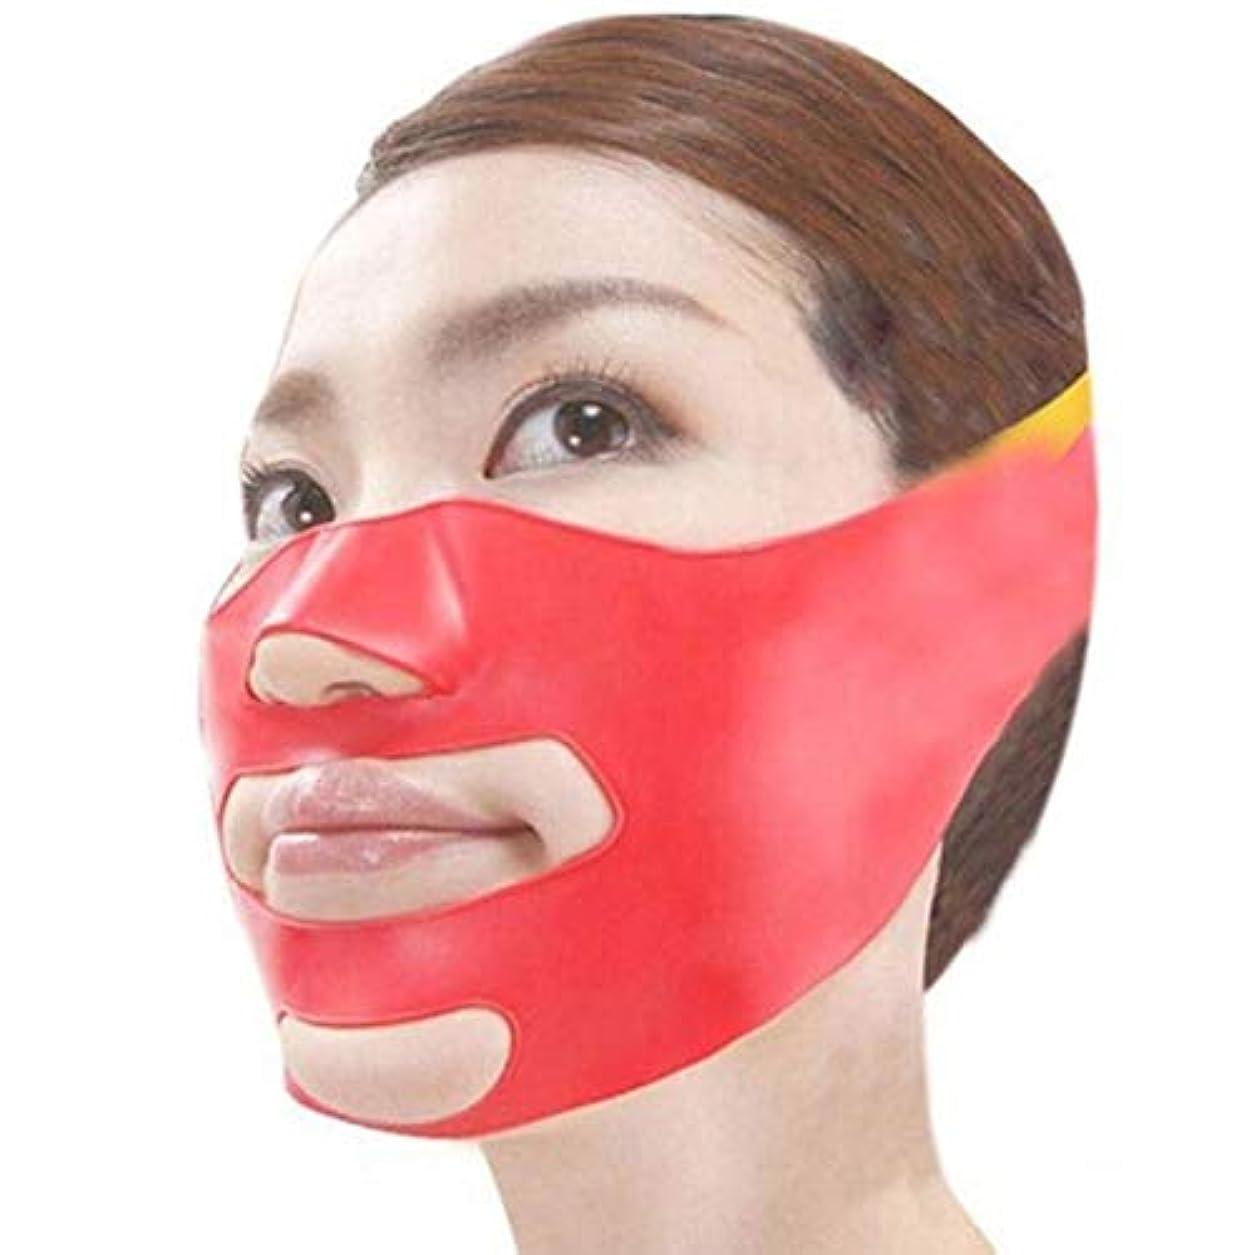 余裕がある成熟した最小化するシリコーンフェイススリミングマスクフェイスチンリフトバンドスキンケアリフティングラップVシェイプダブルチンタイトベルト(Color:red)